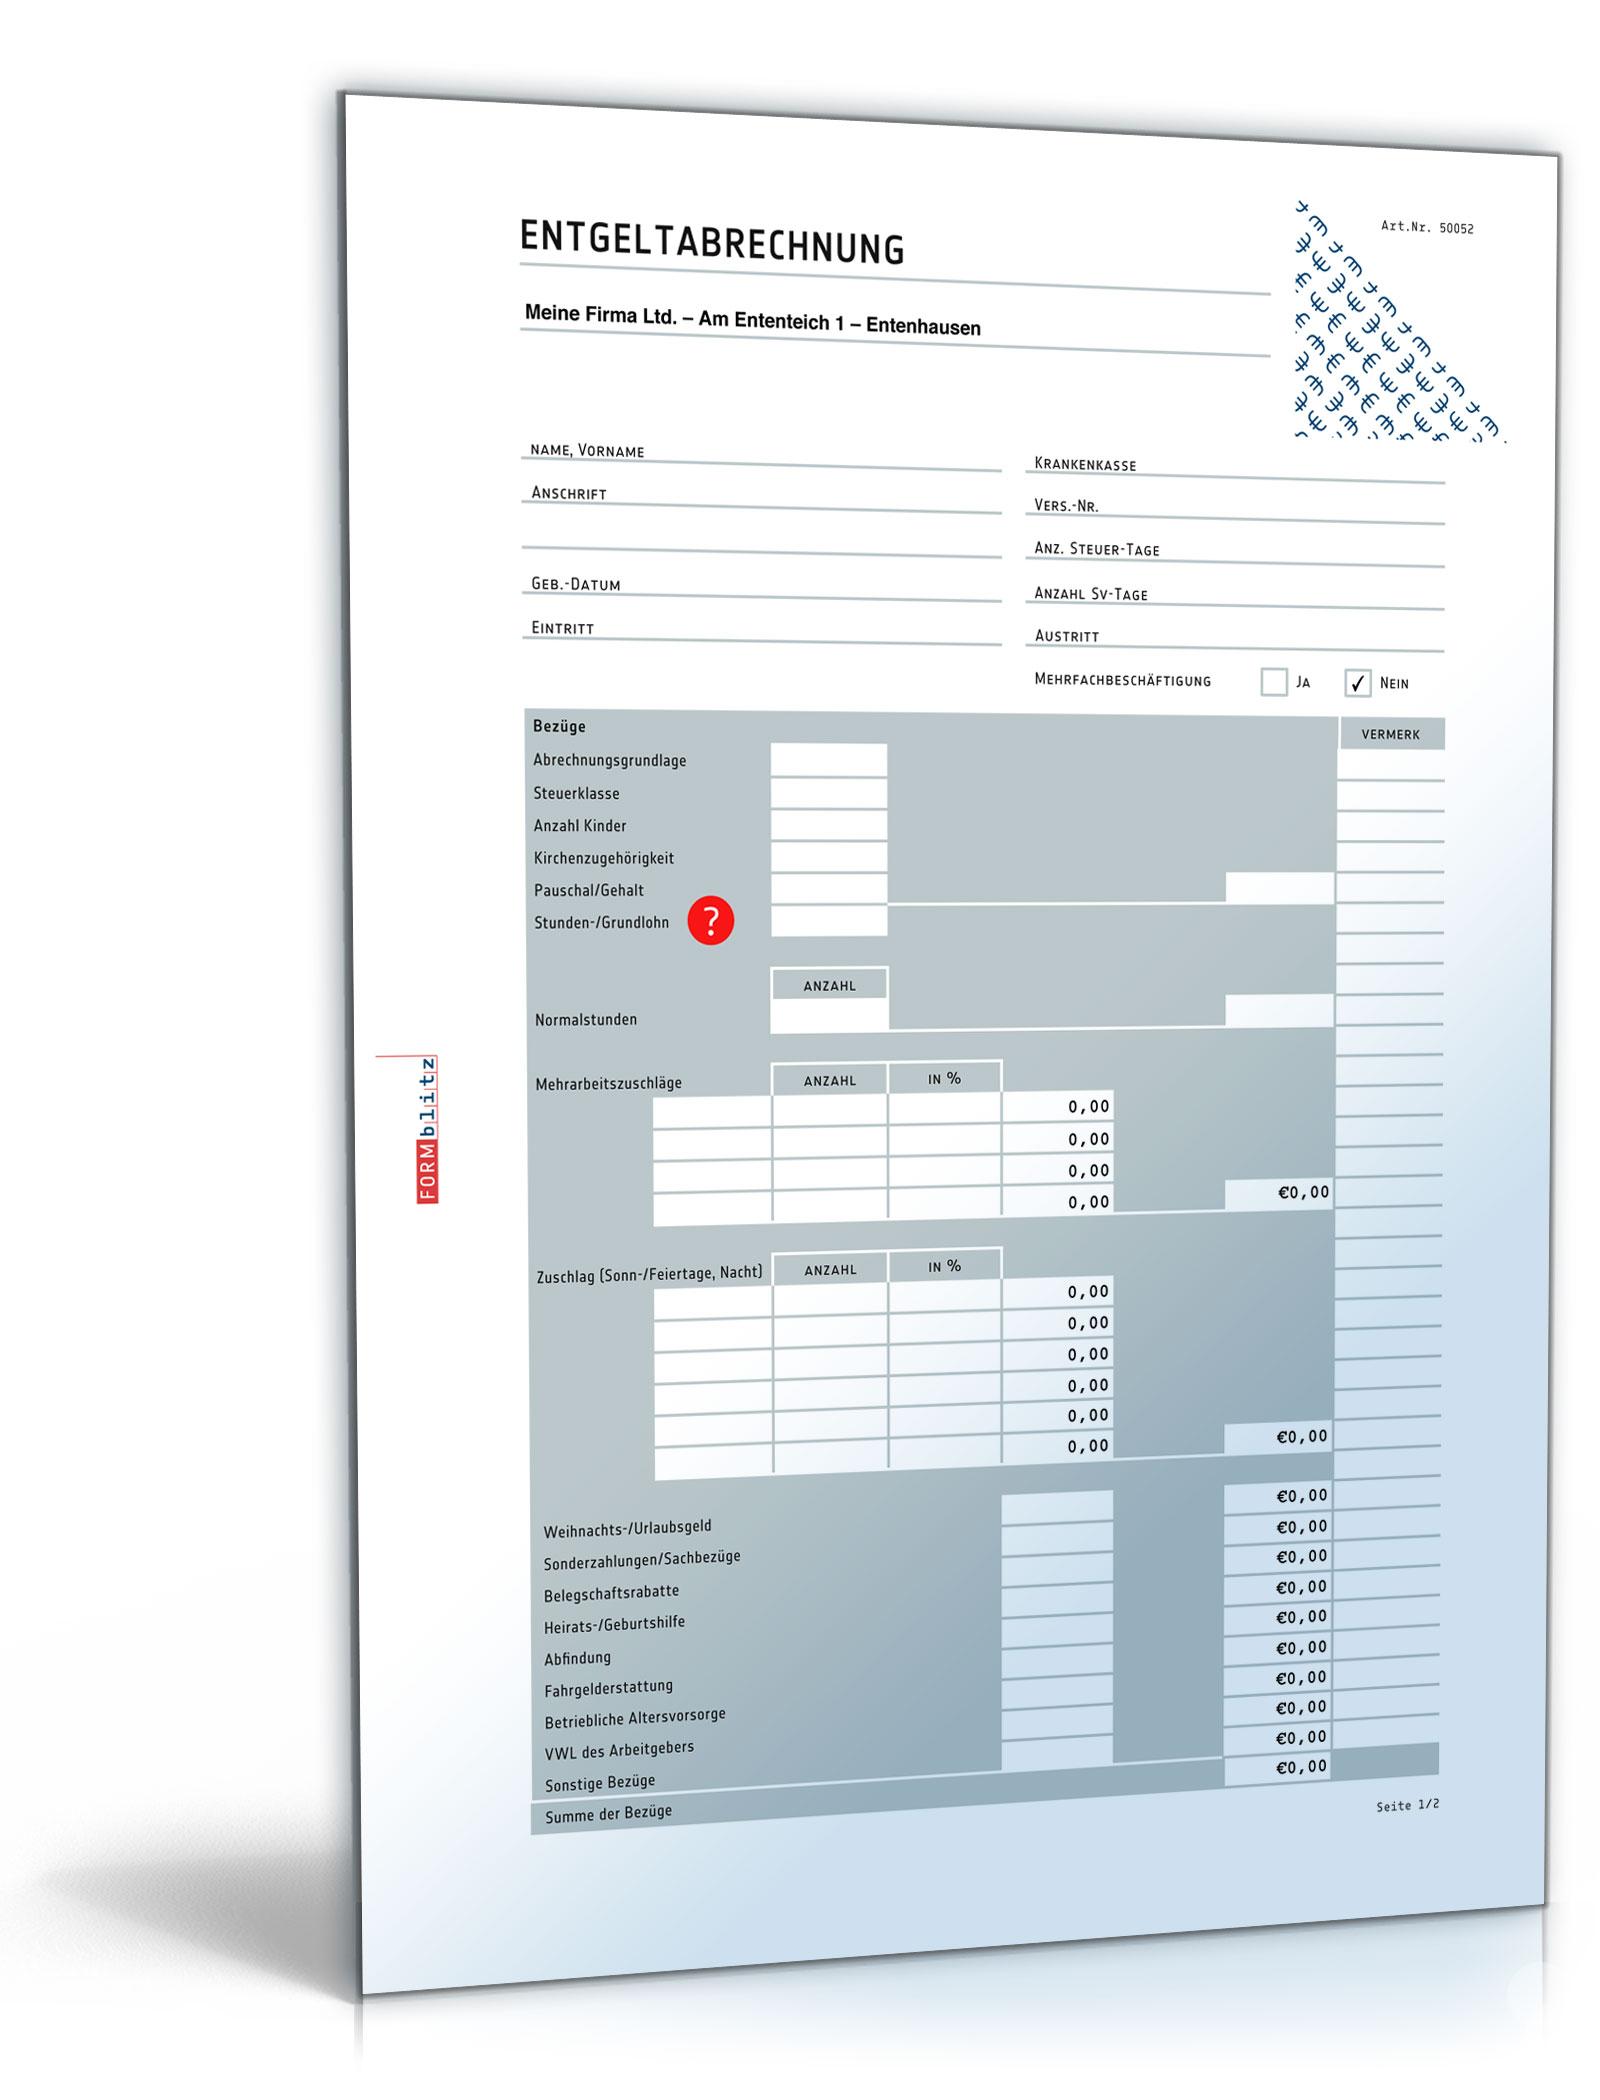 Download Archiv Vorlagen Kostenloskostenpflichtig Dokumente